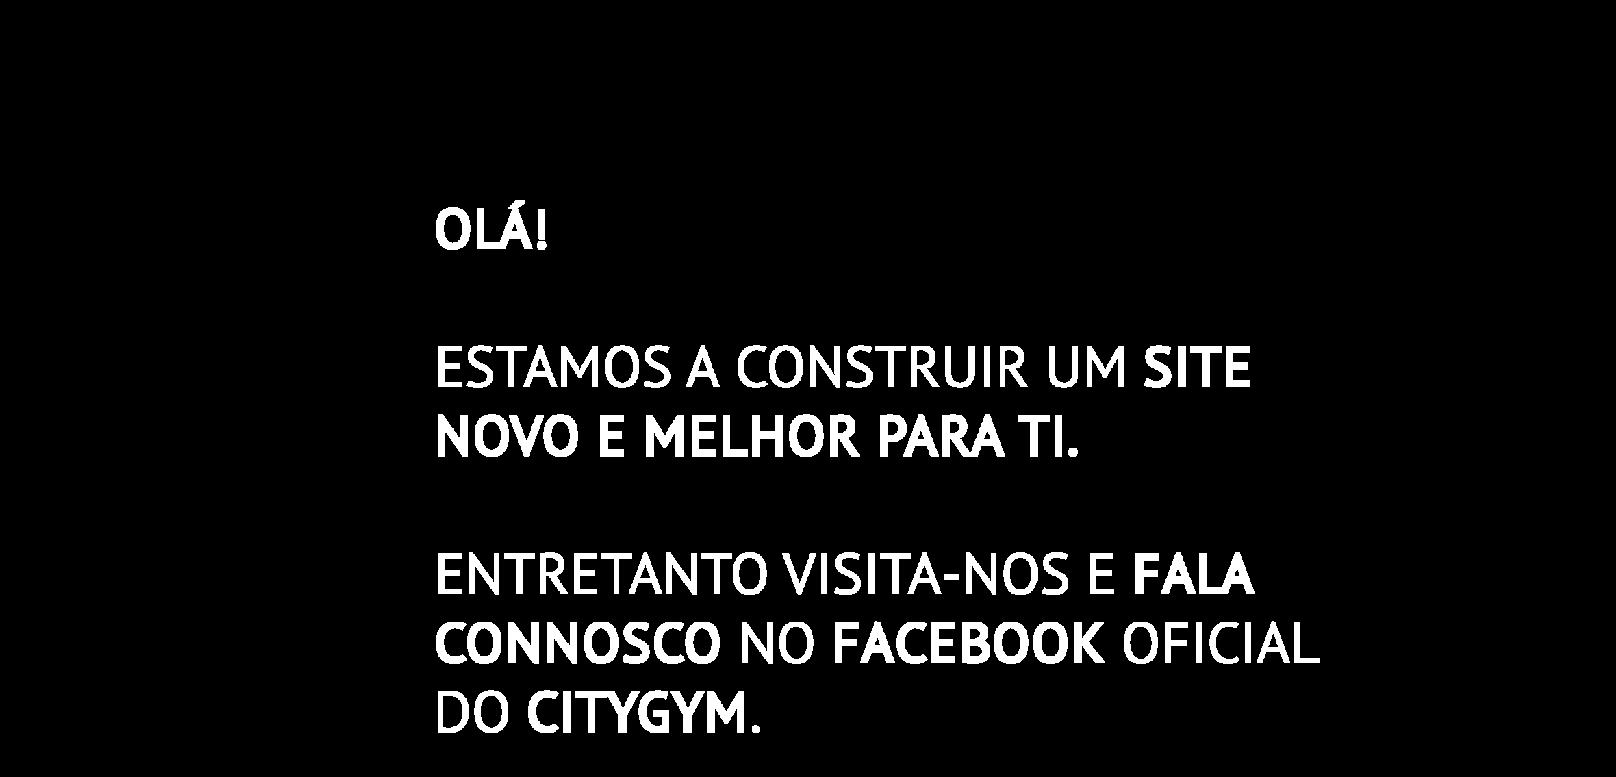 CityGym